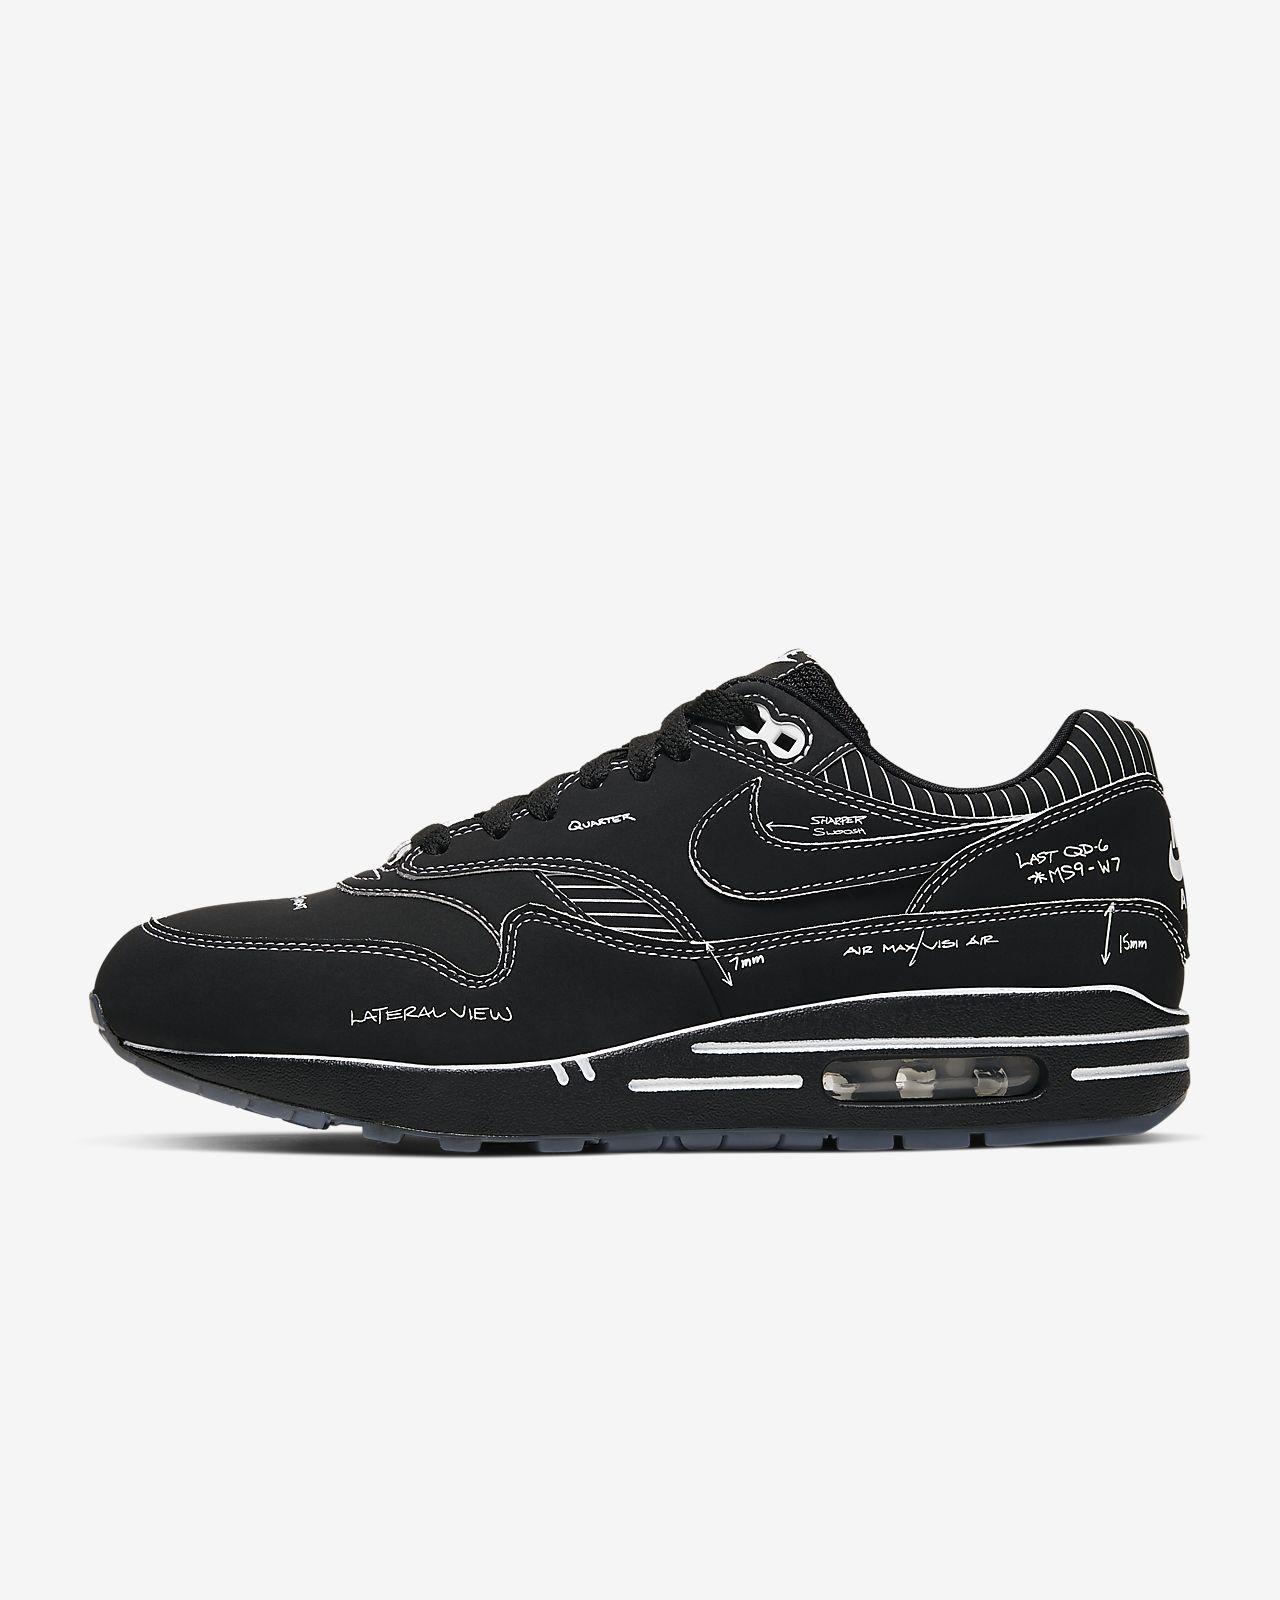 รองเท้าผู้ชาย Nike Air Max 1 Sketch To Shelf